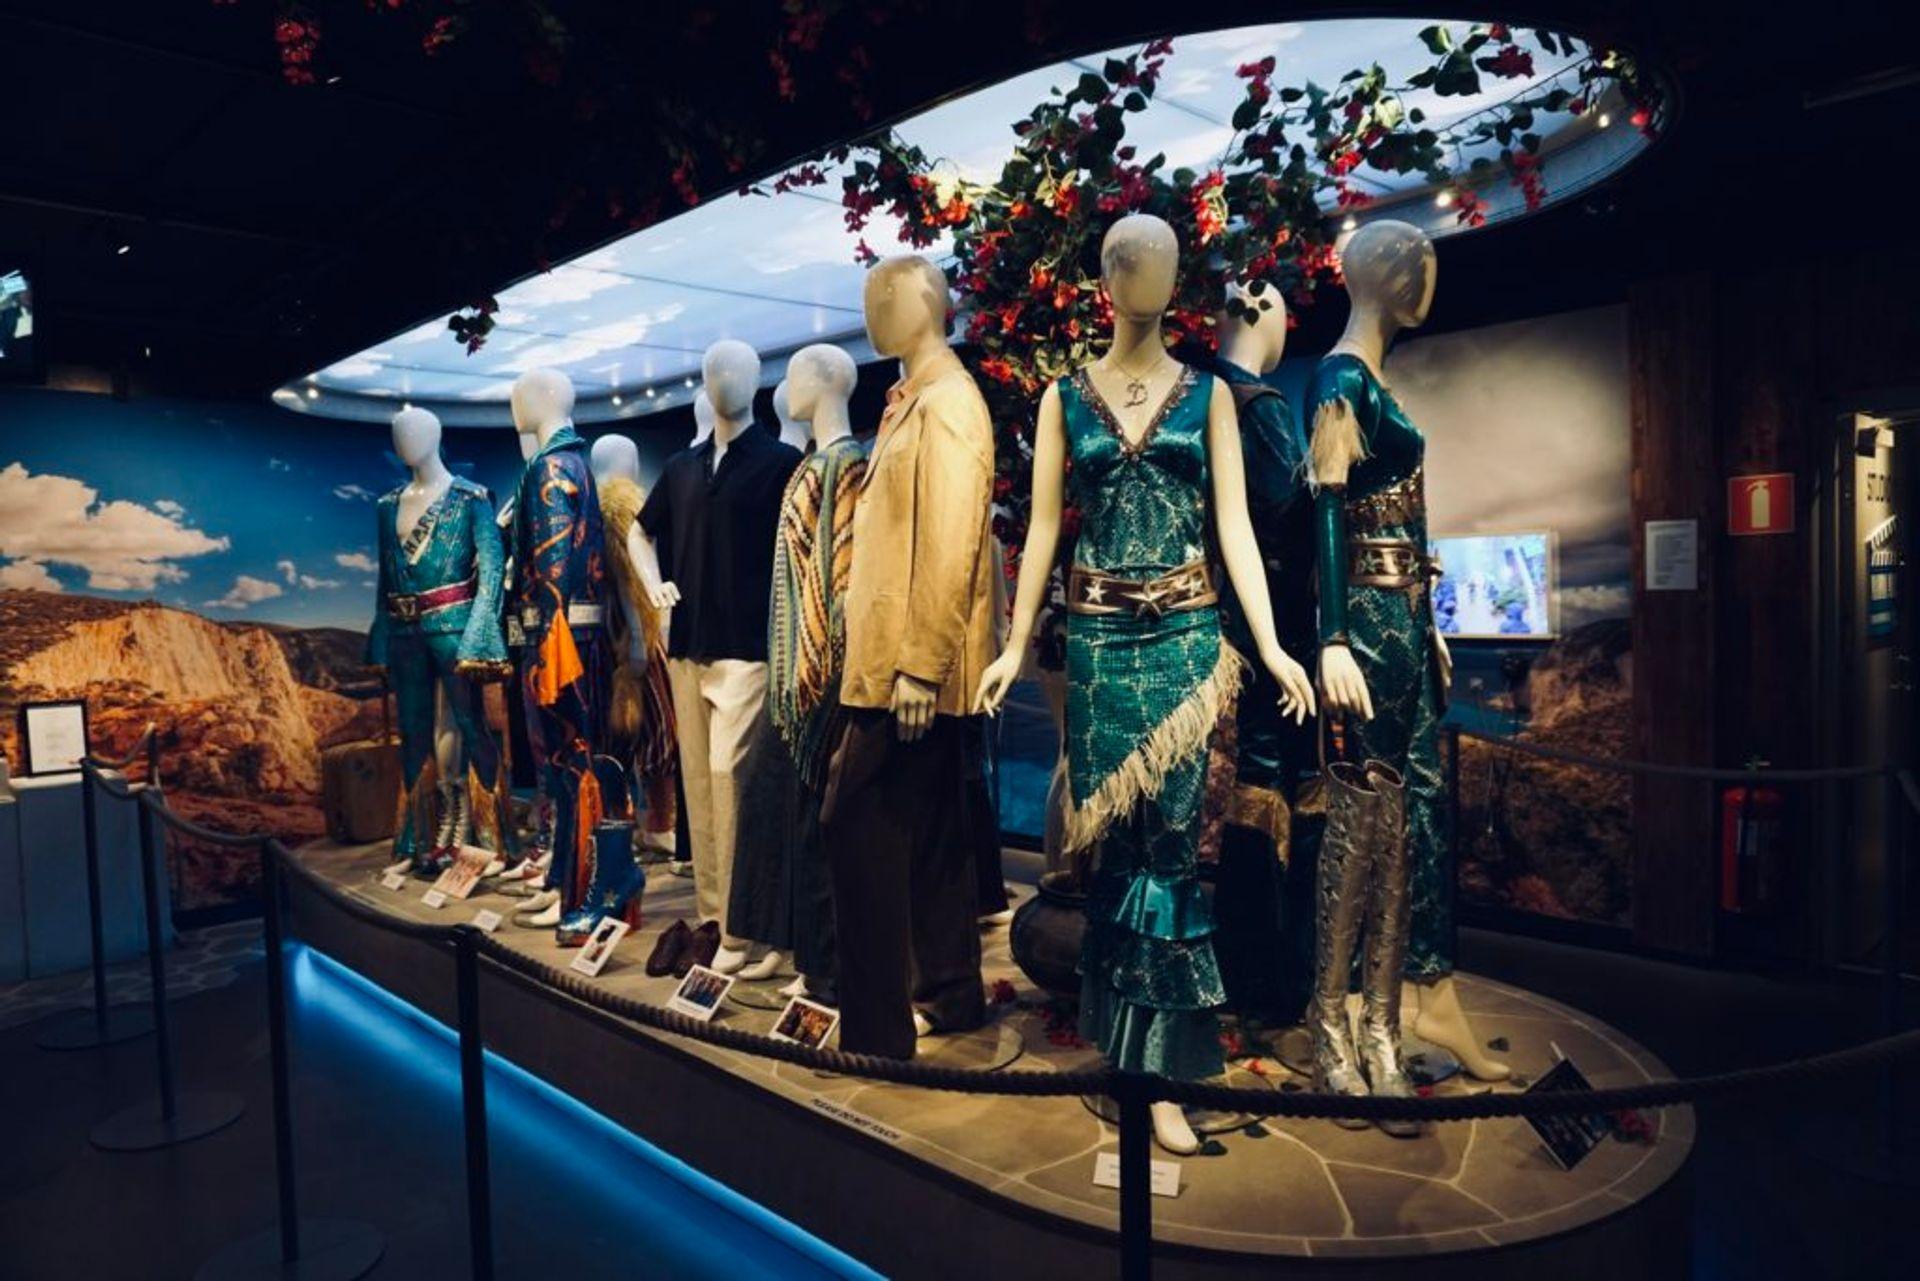 Mamma Mia costumes in an exhibition.